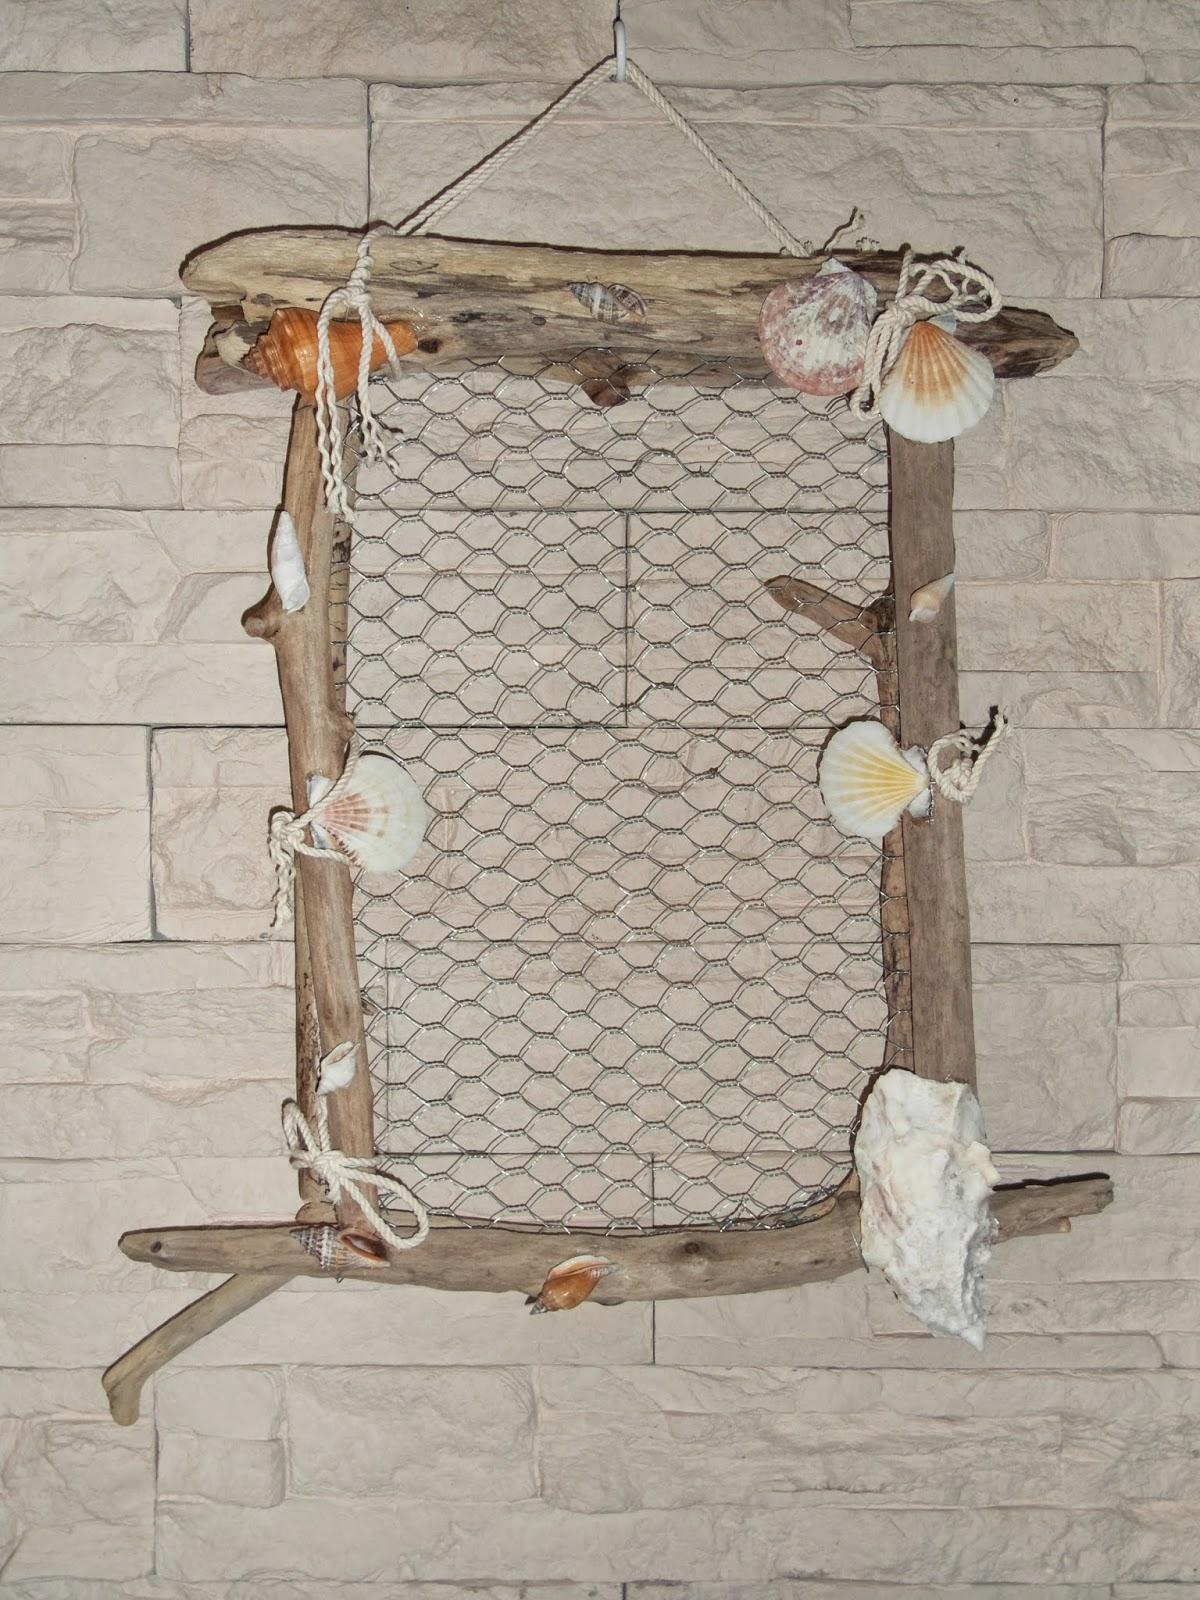 Mimie-Création: Pèle-mêle en bois et grillage flottés et coquillages .